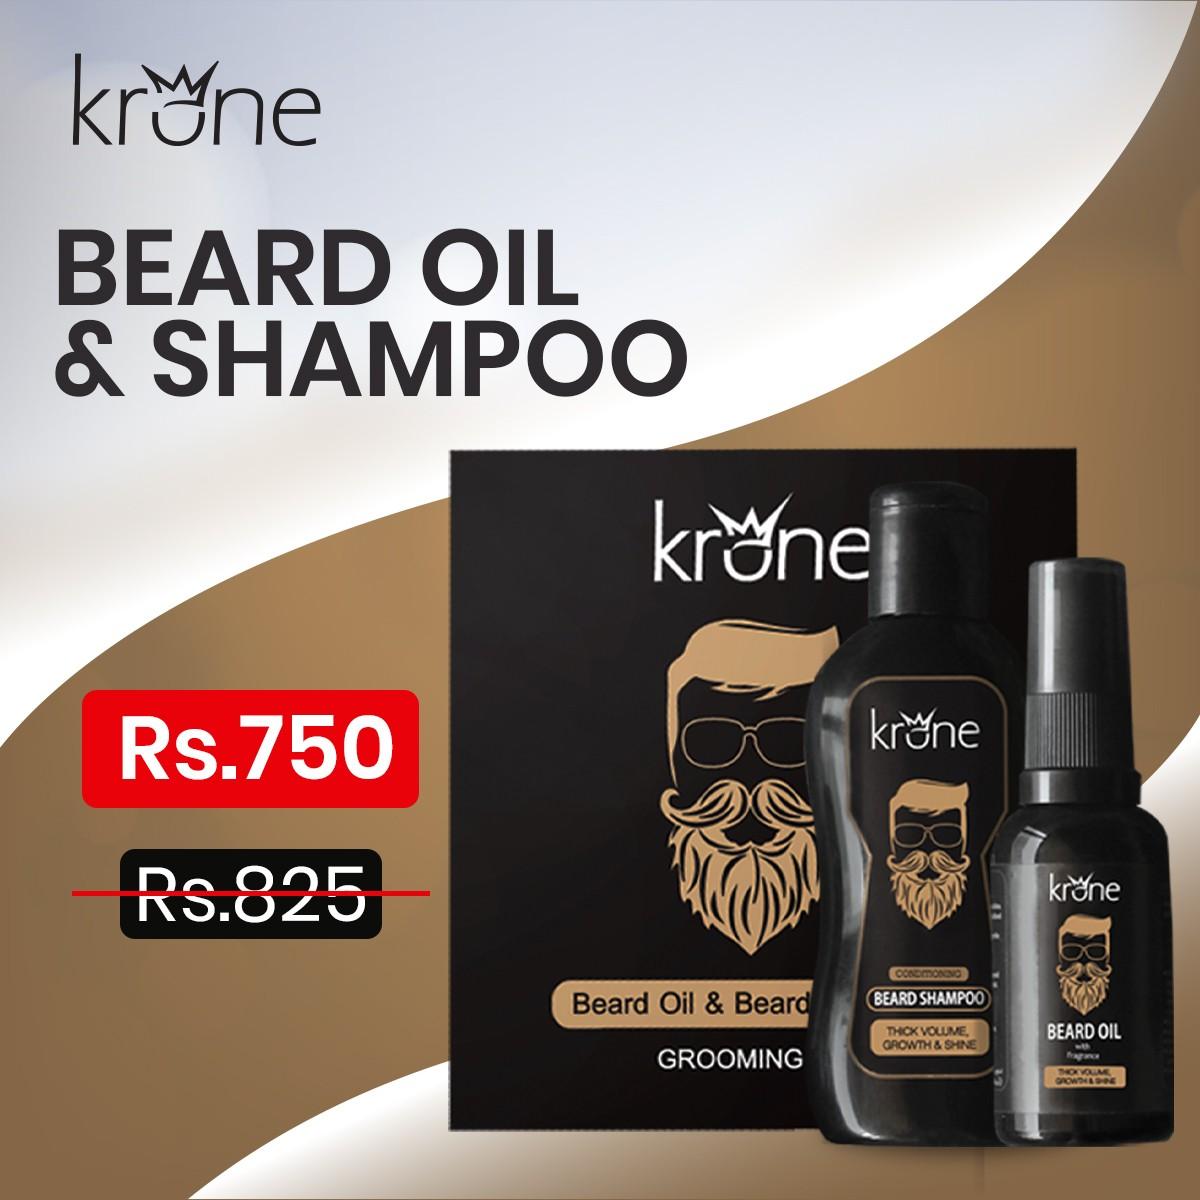 Krone Beard Oil & Shampoo